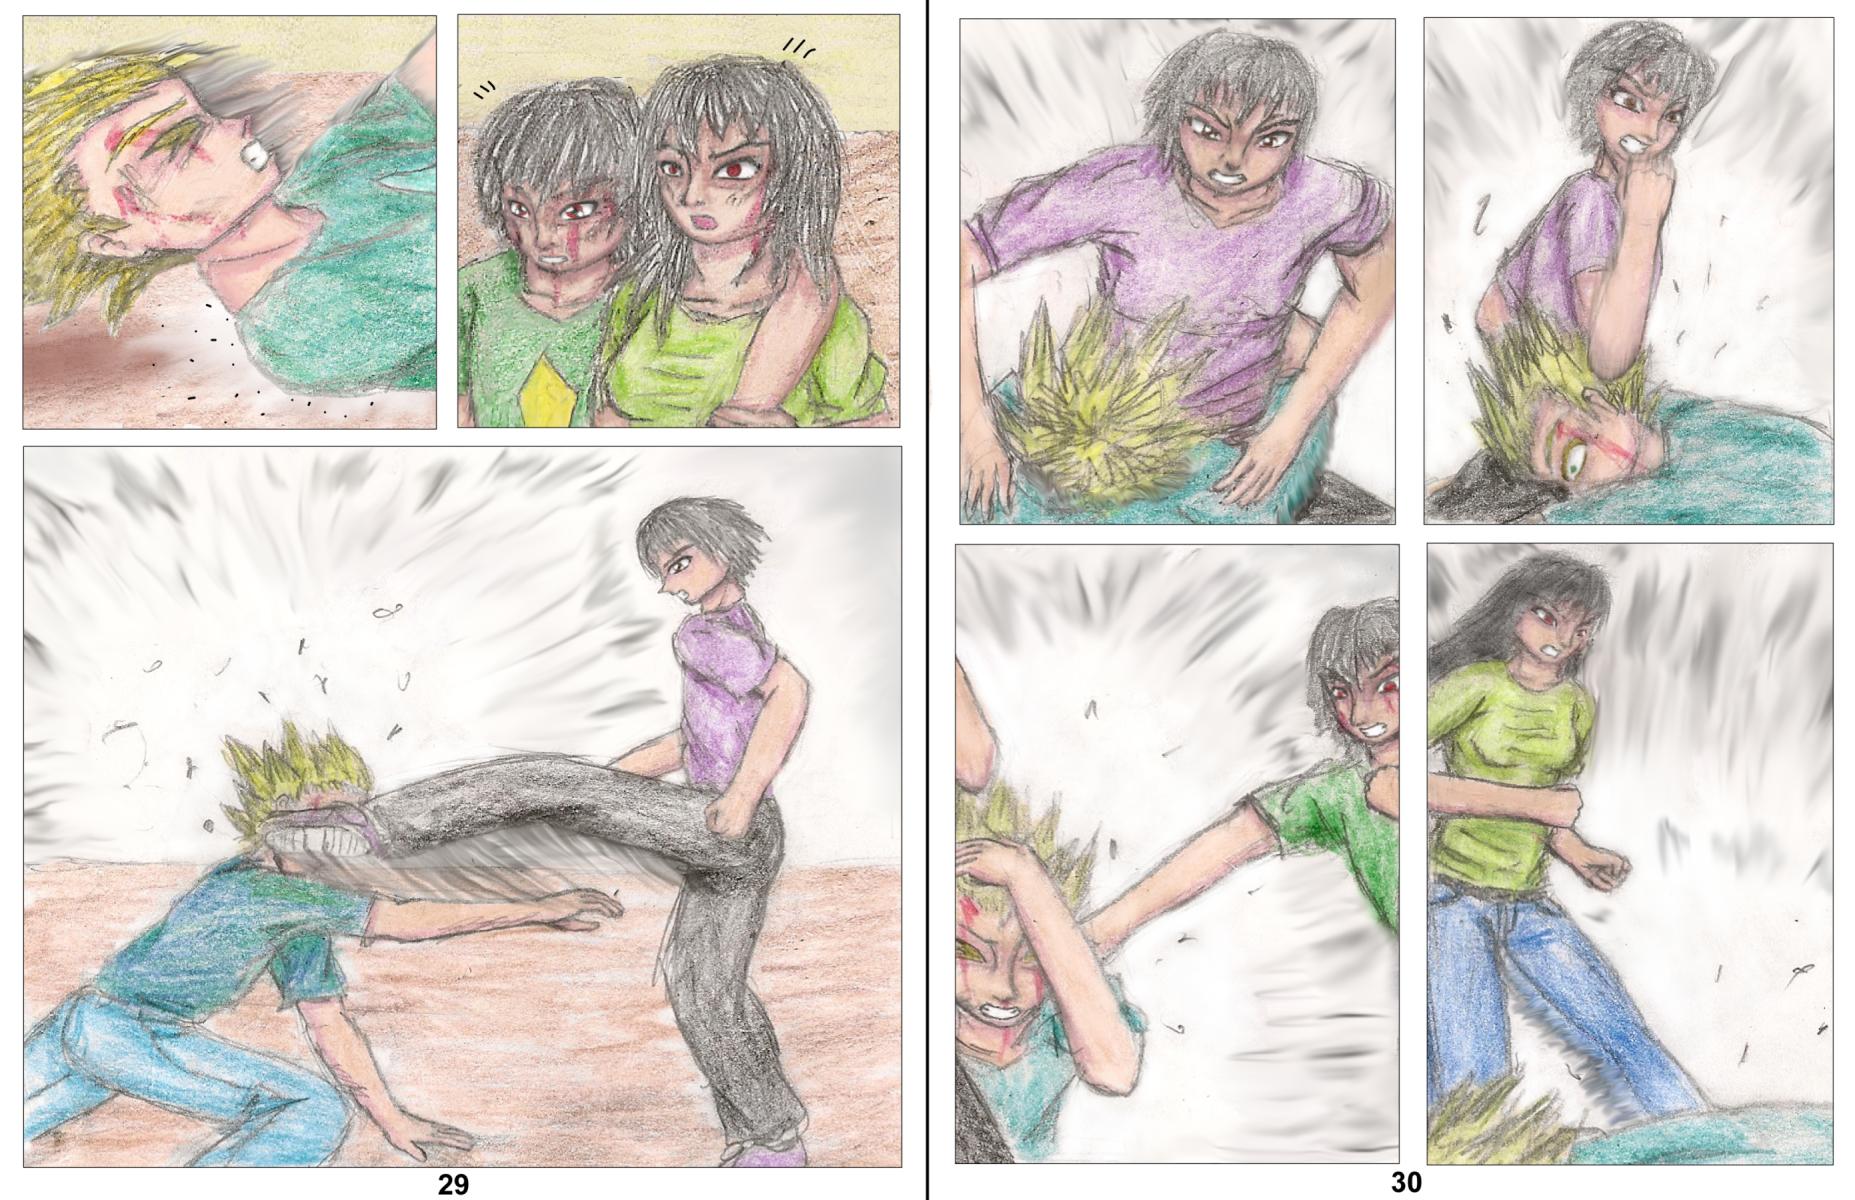 Demon Hunters Capitolo 3 Pagina 29-30